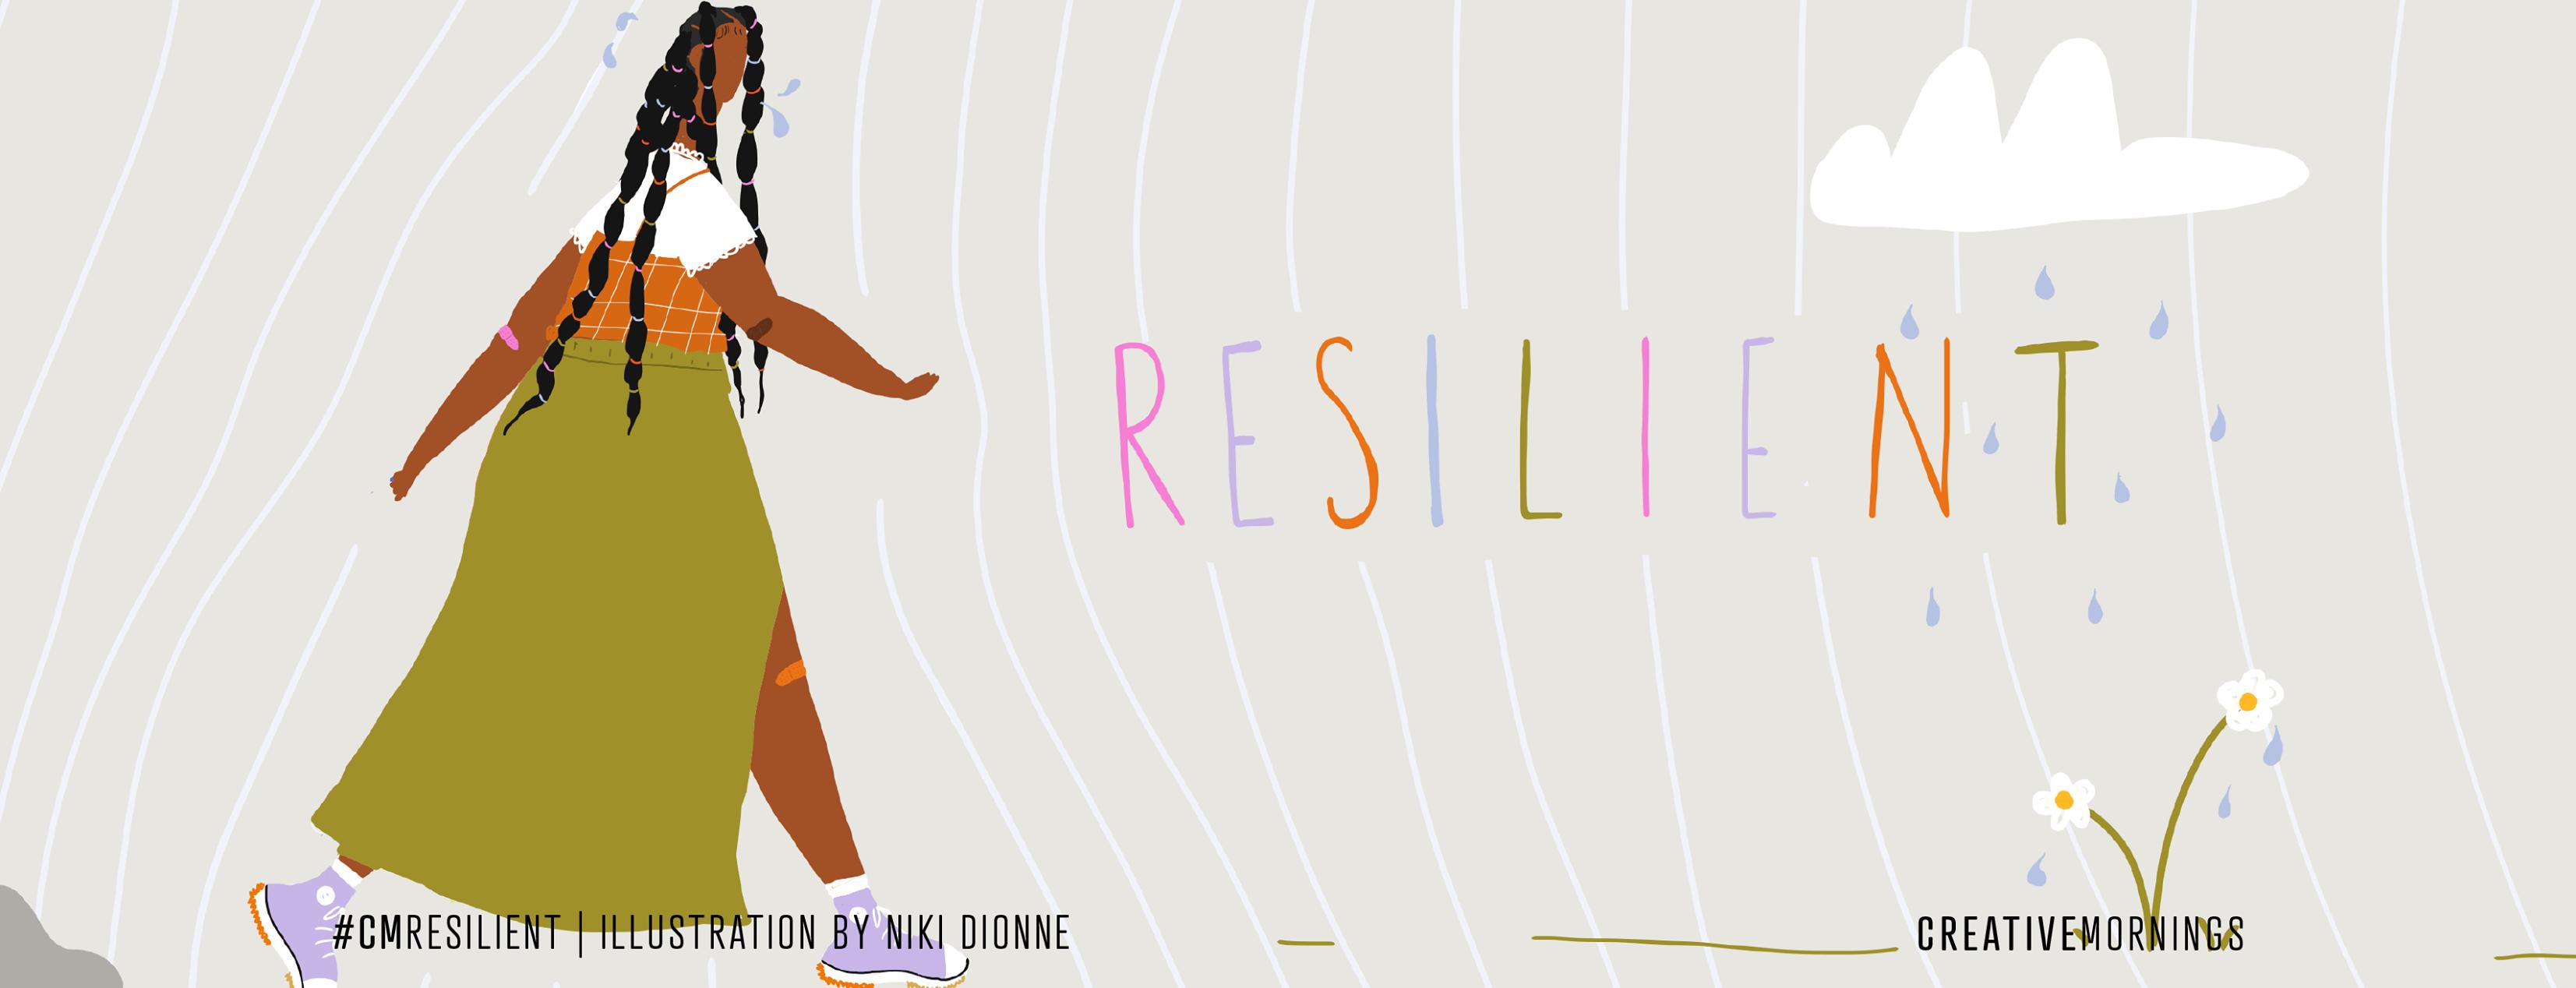 Como reconhecer a tua resiliência